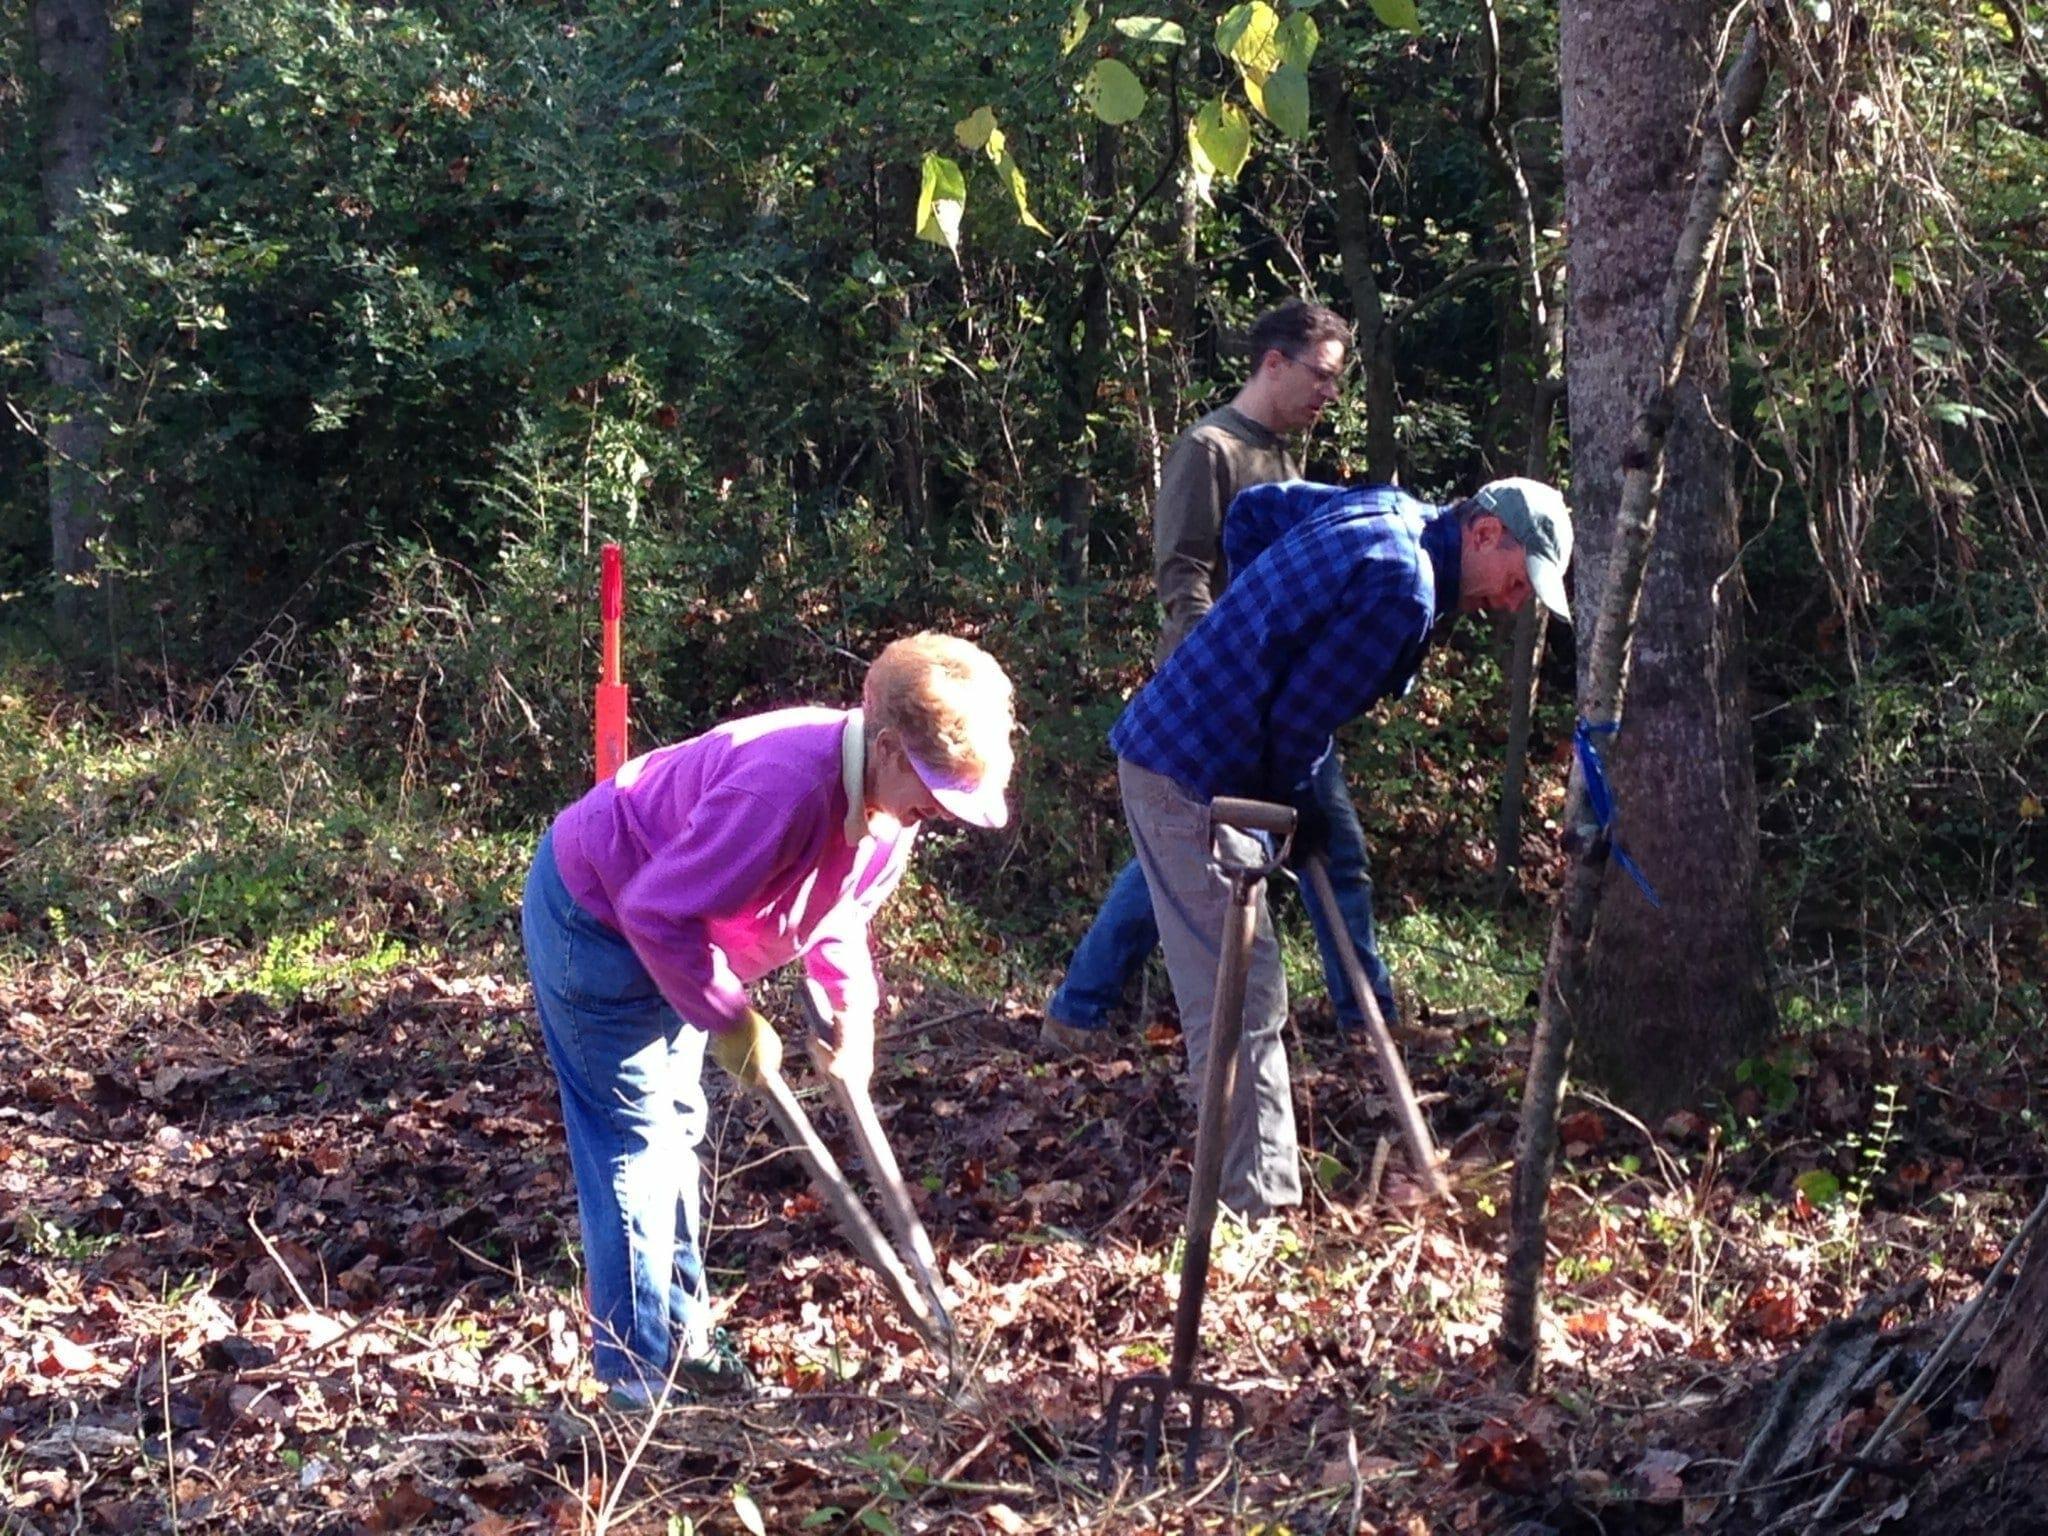 Clearing away the saw briars at Buffalo Creek